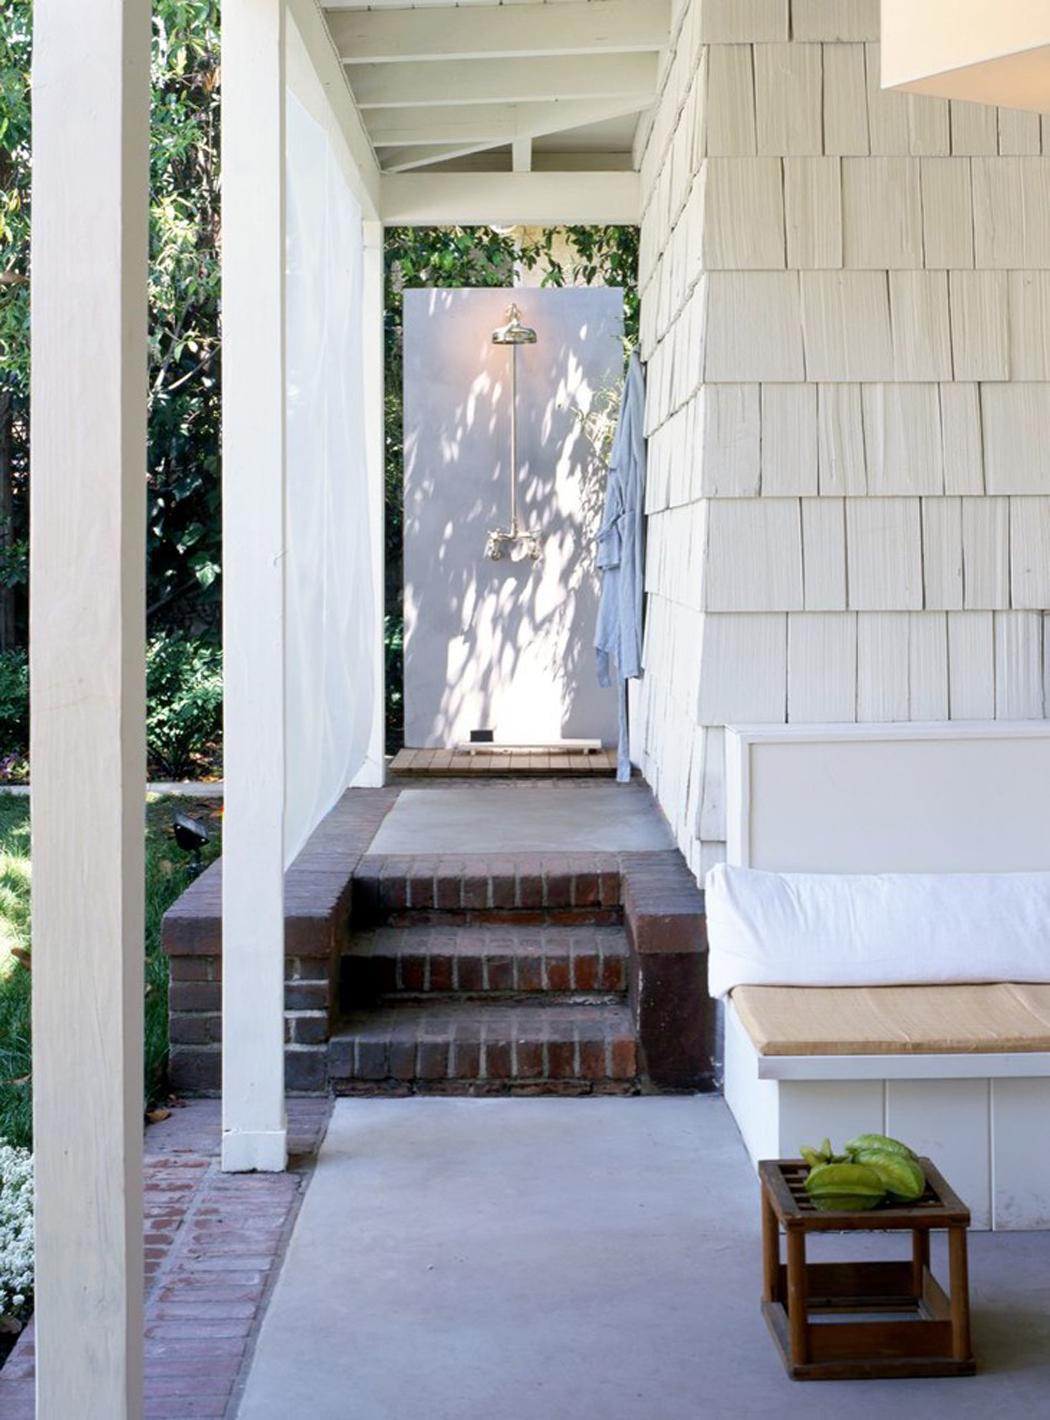 Cabane design zen et minimaliste los angeles vivons maison for Petite maison design